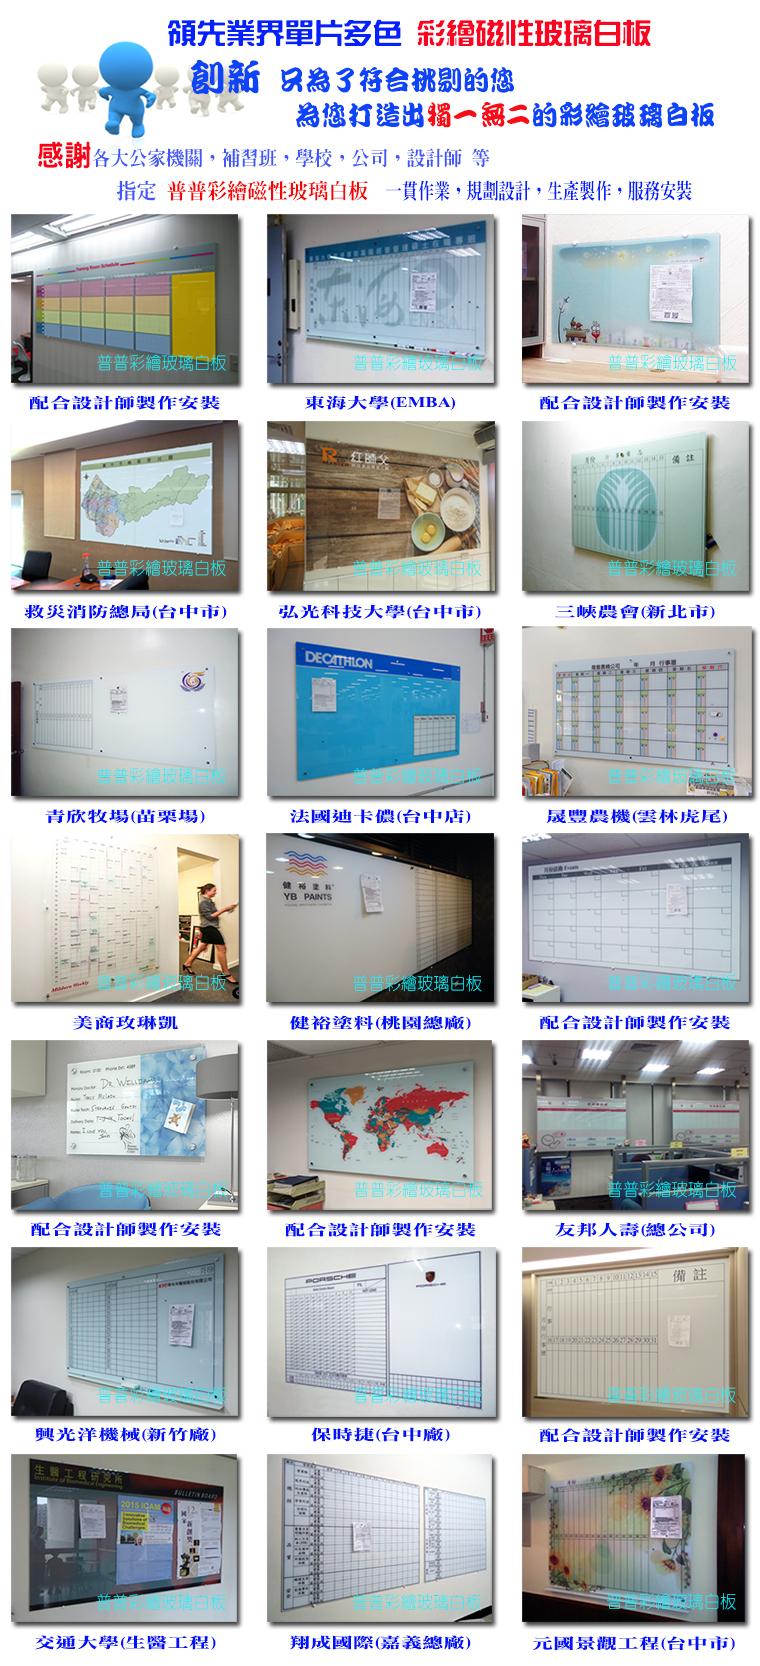 兒童塗鴉板,廚房牆面貼玻,彩繪劃線玻璃,磁性玻璃白板,台中